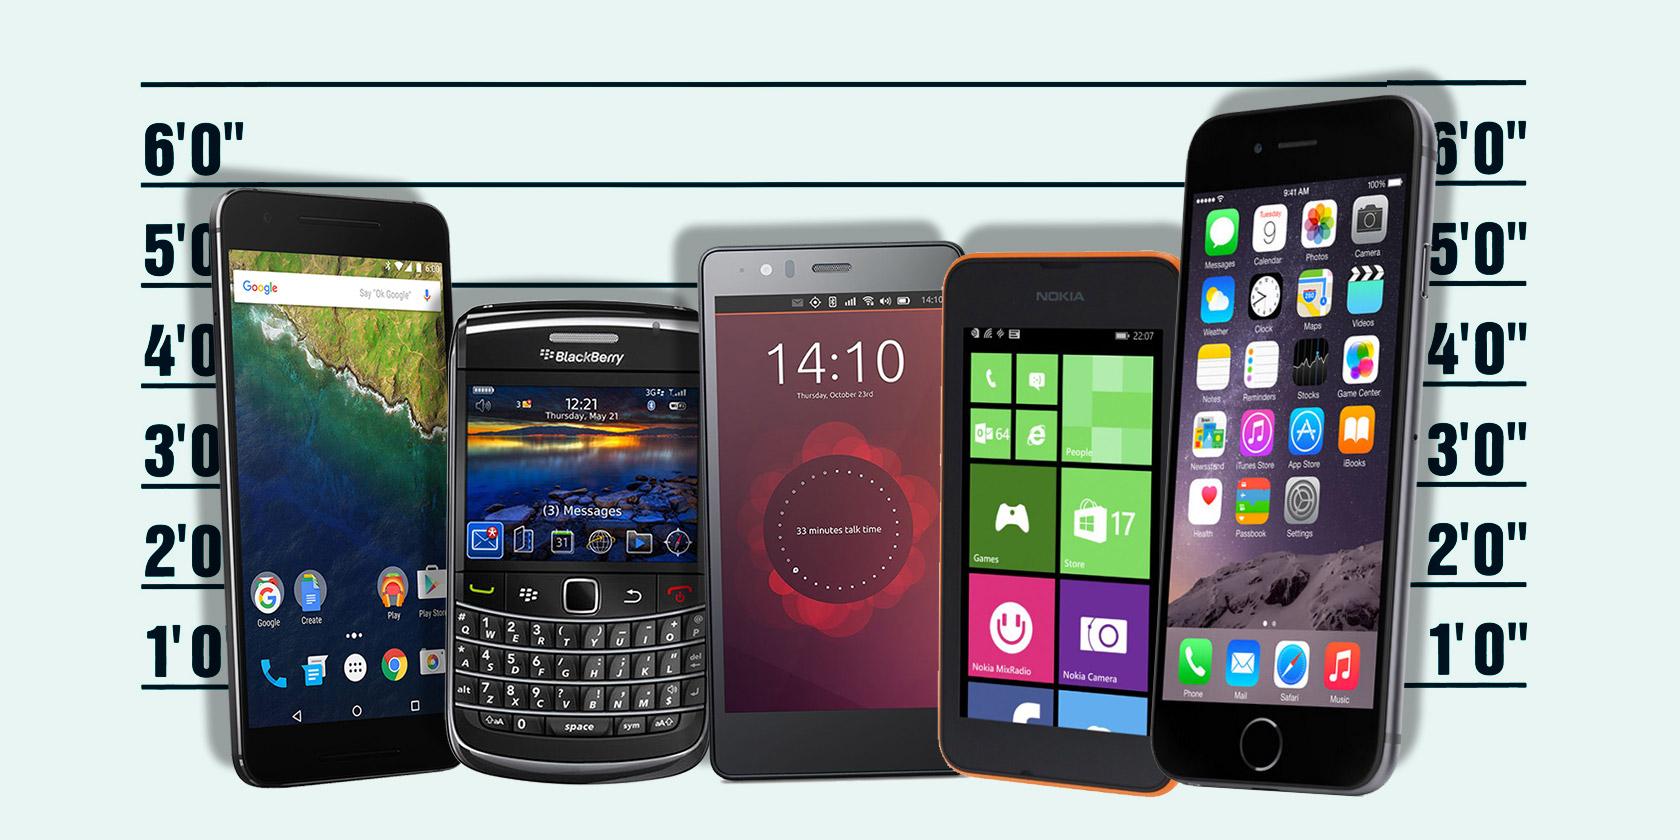 Игровые смартфоны оснащаются экранами двух основных типов – IPS и AMOLED